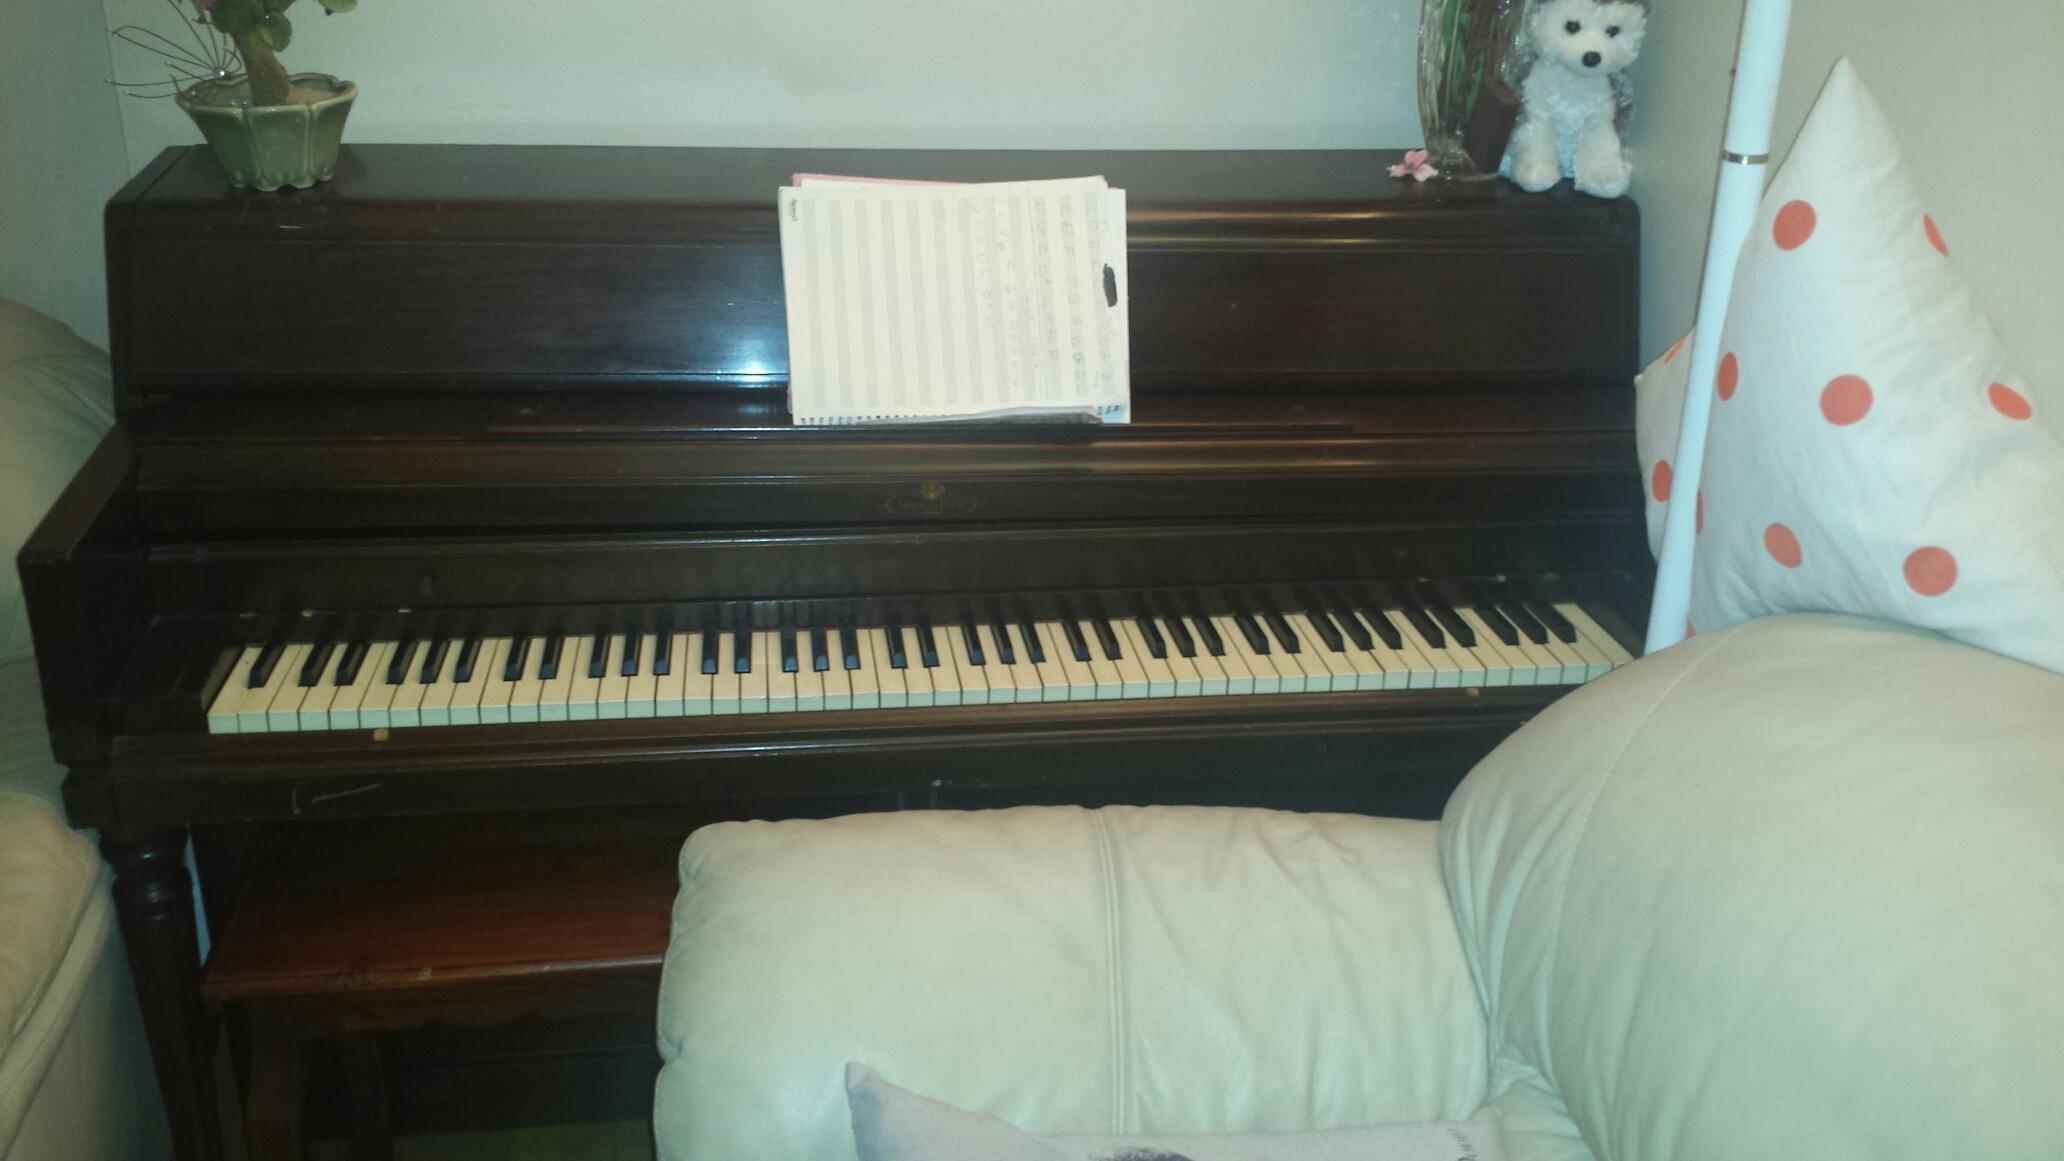 Ogłoszenie darmowe. Lokalizacja:  Lawrenceville,NJ. PODARUJĘ / ZAMIENIĘ - Wszystkie. Oddam pianino za darmo,.